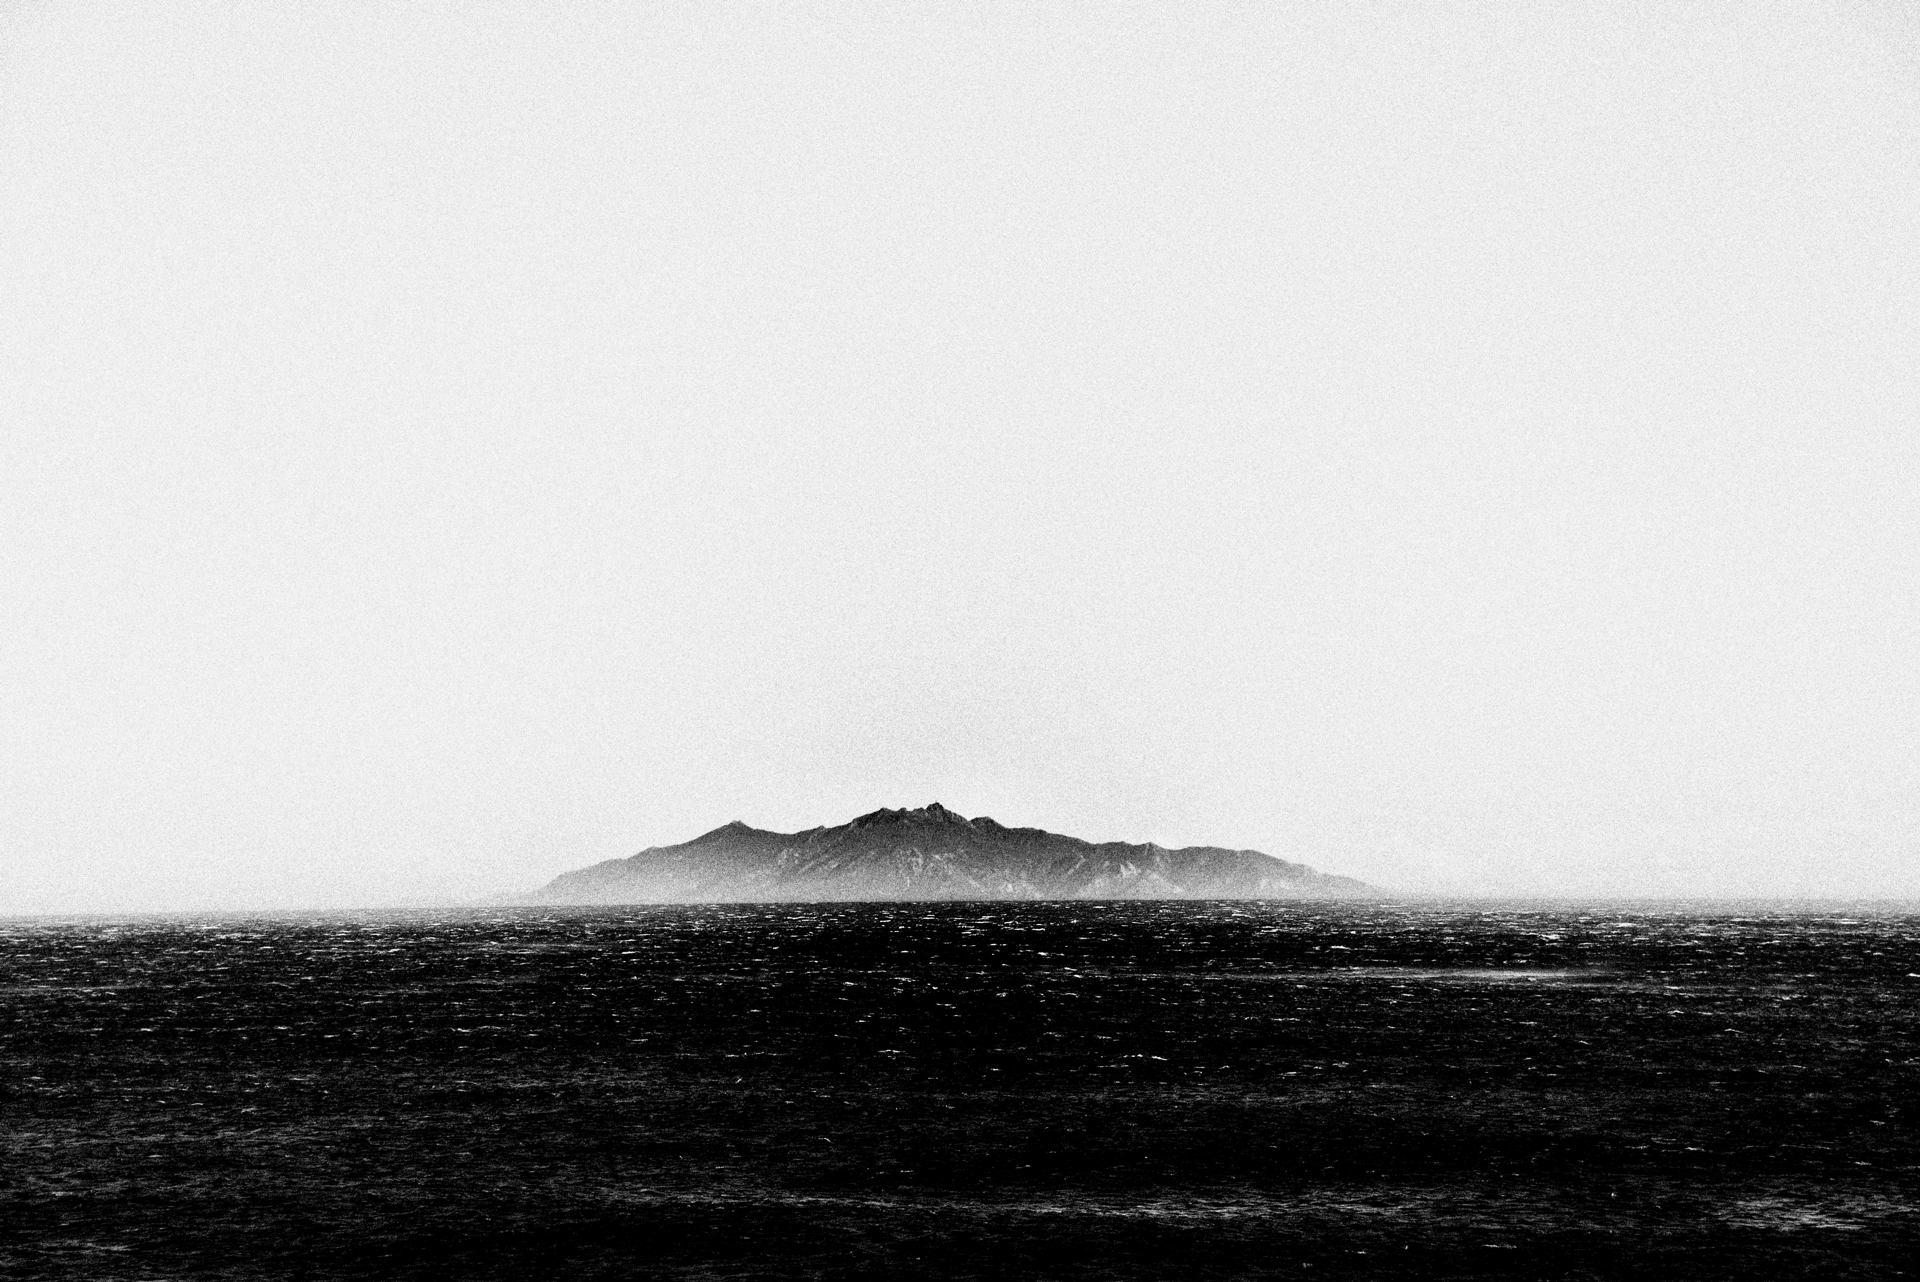 Entre ciel et eau, une île...